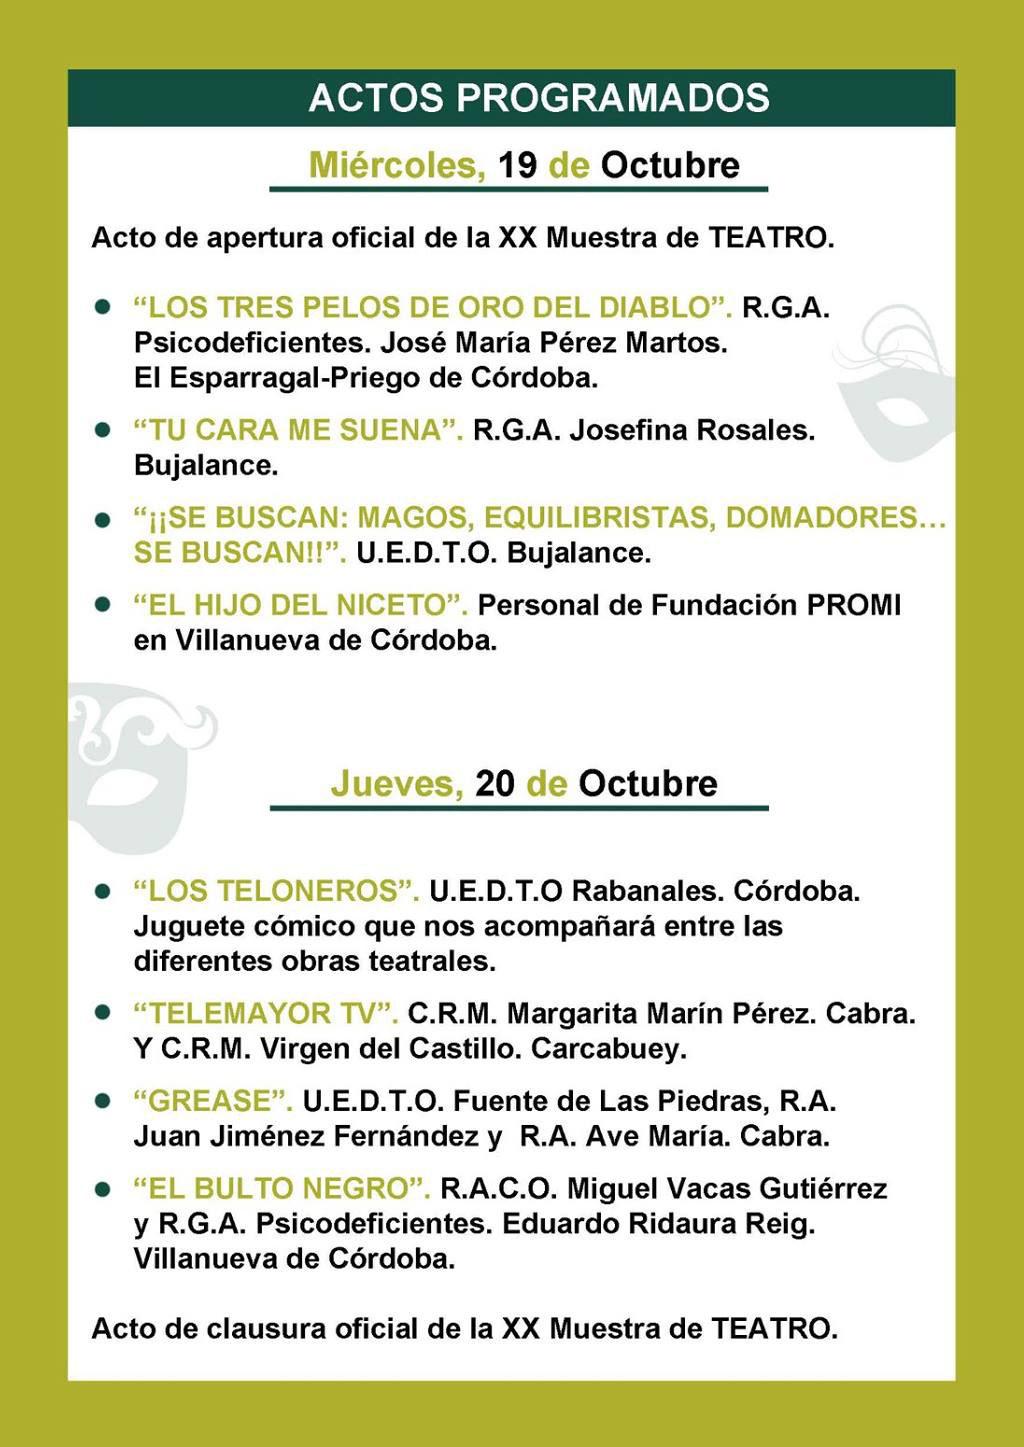 XX Muestra de Teatro